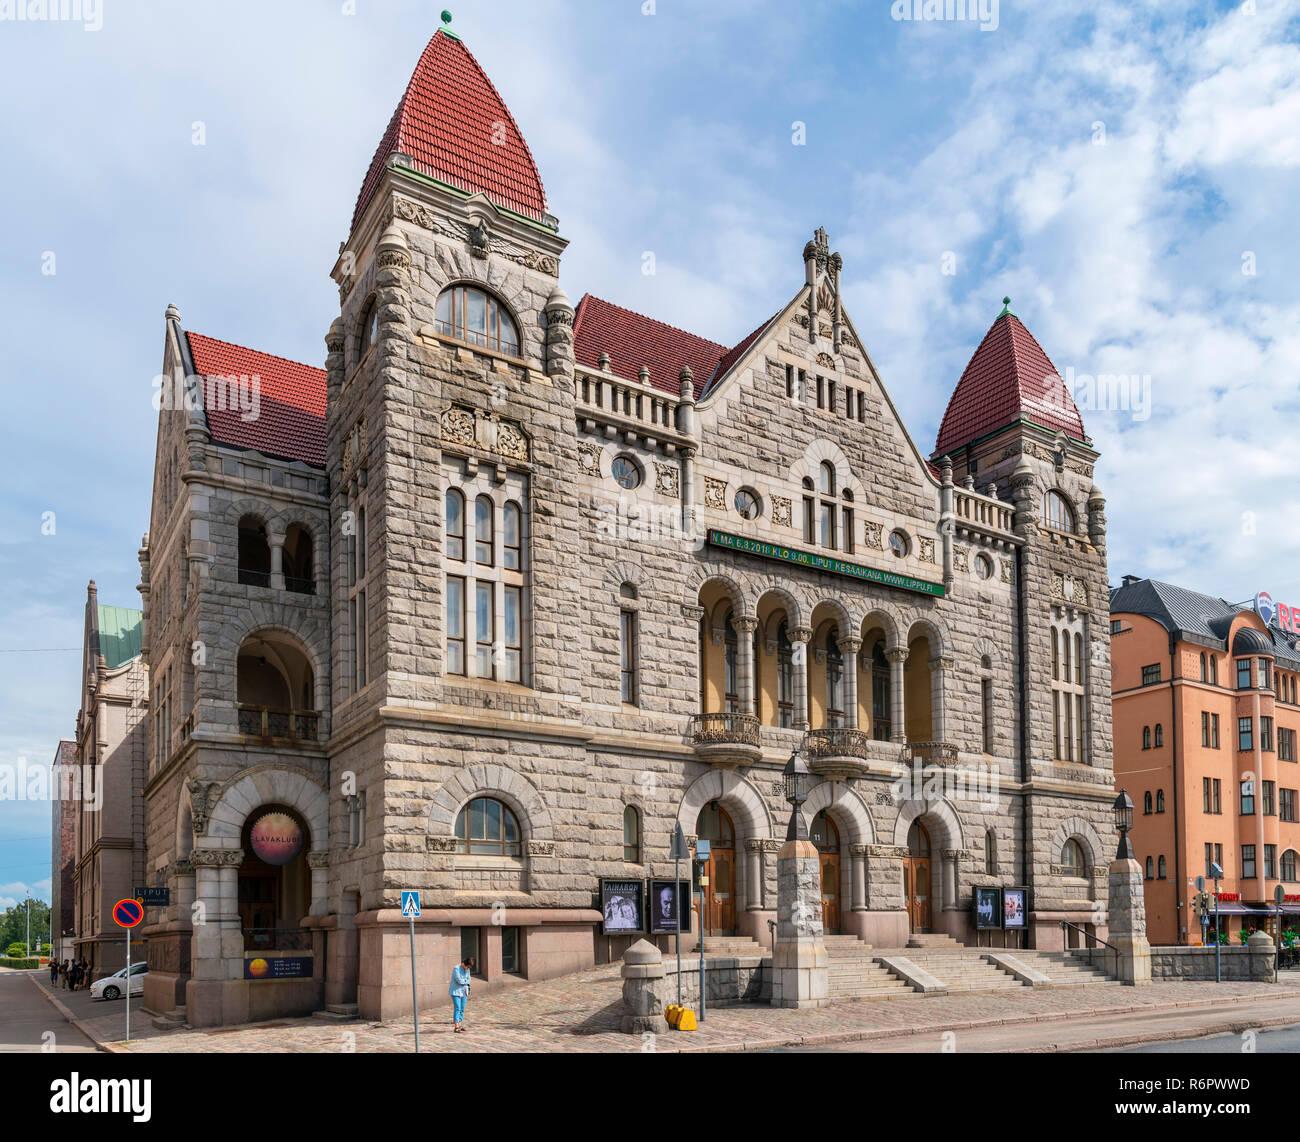 Finnish National Theatre (Suomen Kansallisteatteri), Rautatientori square, Helsinki, Finland - Stock Image